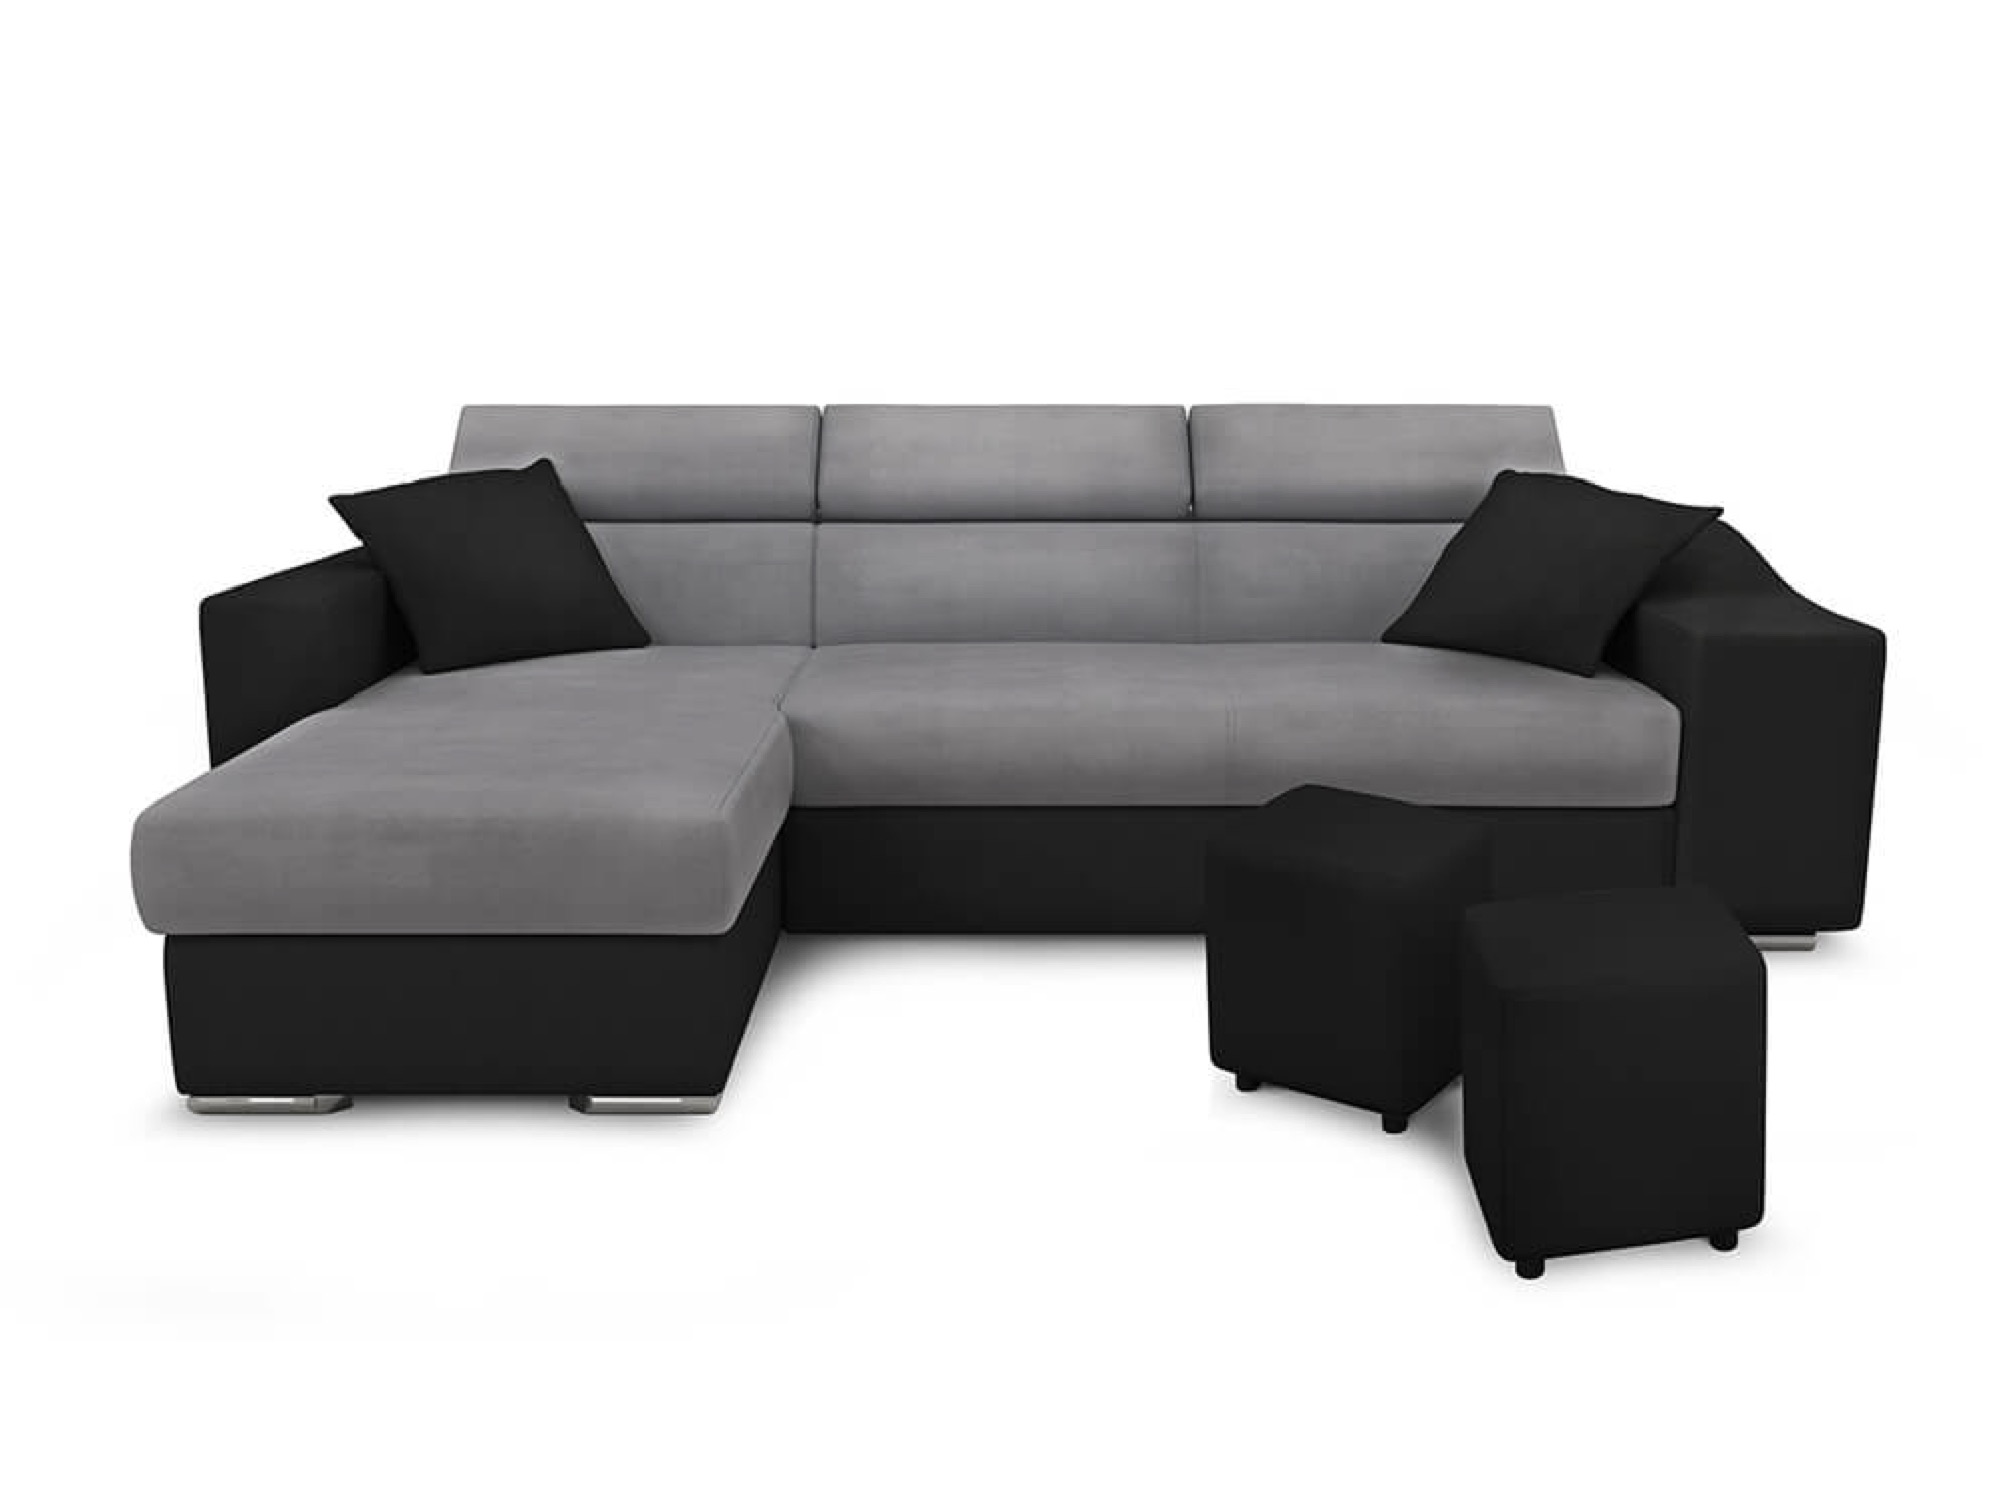 Canapé d'angle 4 places gris/noir avec rangement droit